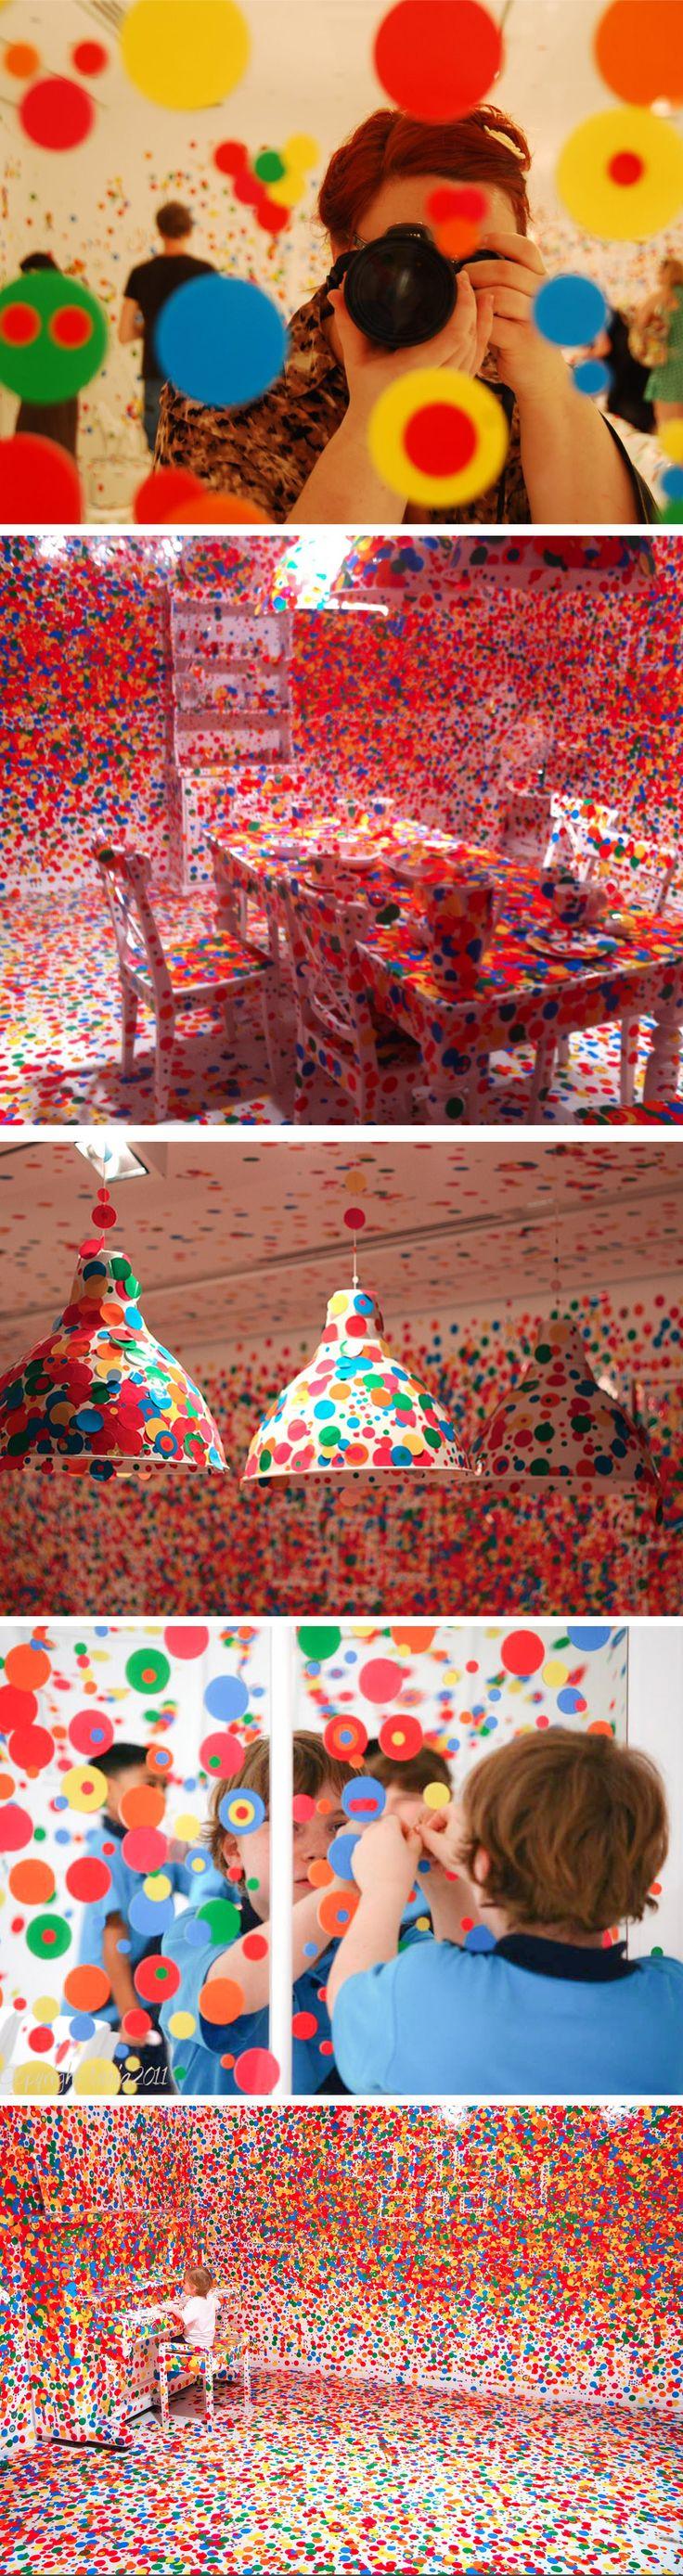 Yayoi Kusamaconstruiu na Queensland Gallery of Modern Art, uma instalação chamada The Obliteration Roomimitando um ambiente doméstico, na qual todas as paredes e móveis são brancas. Cada criança que chegasse para visitar a exposição ganhava diversos adesivos coloridos em forma de círculos, para que pudessem transformar o ambiente numa ...